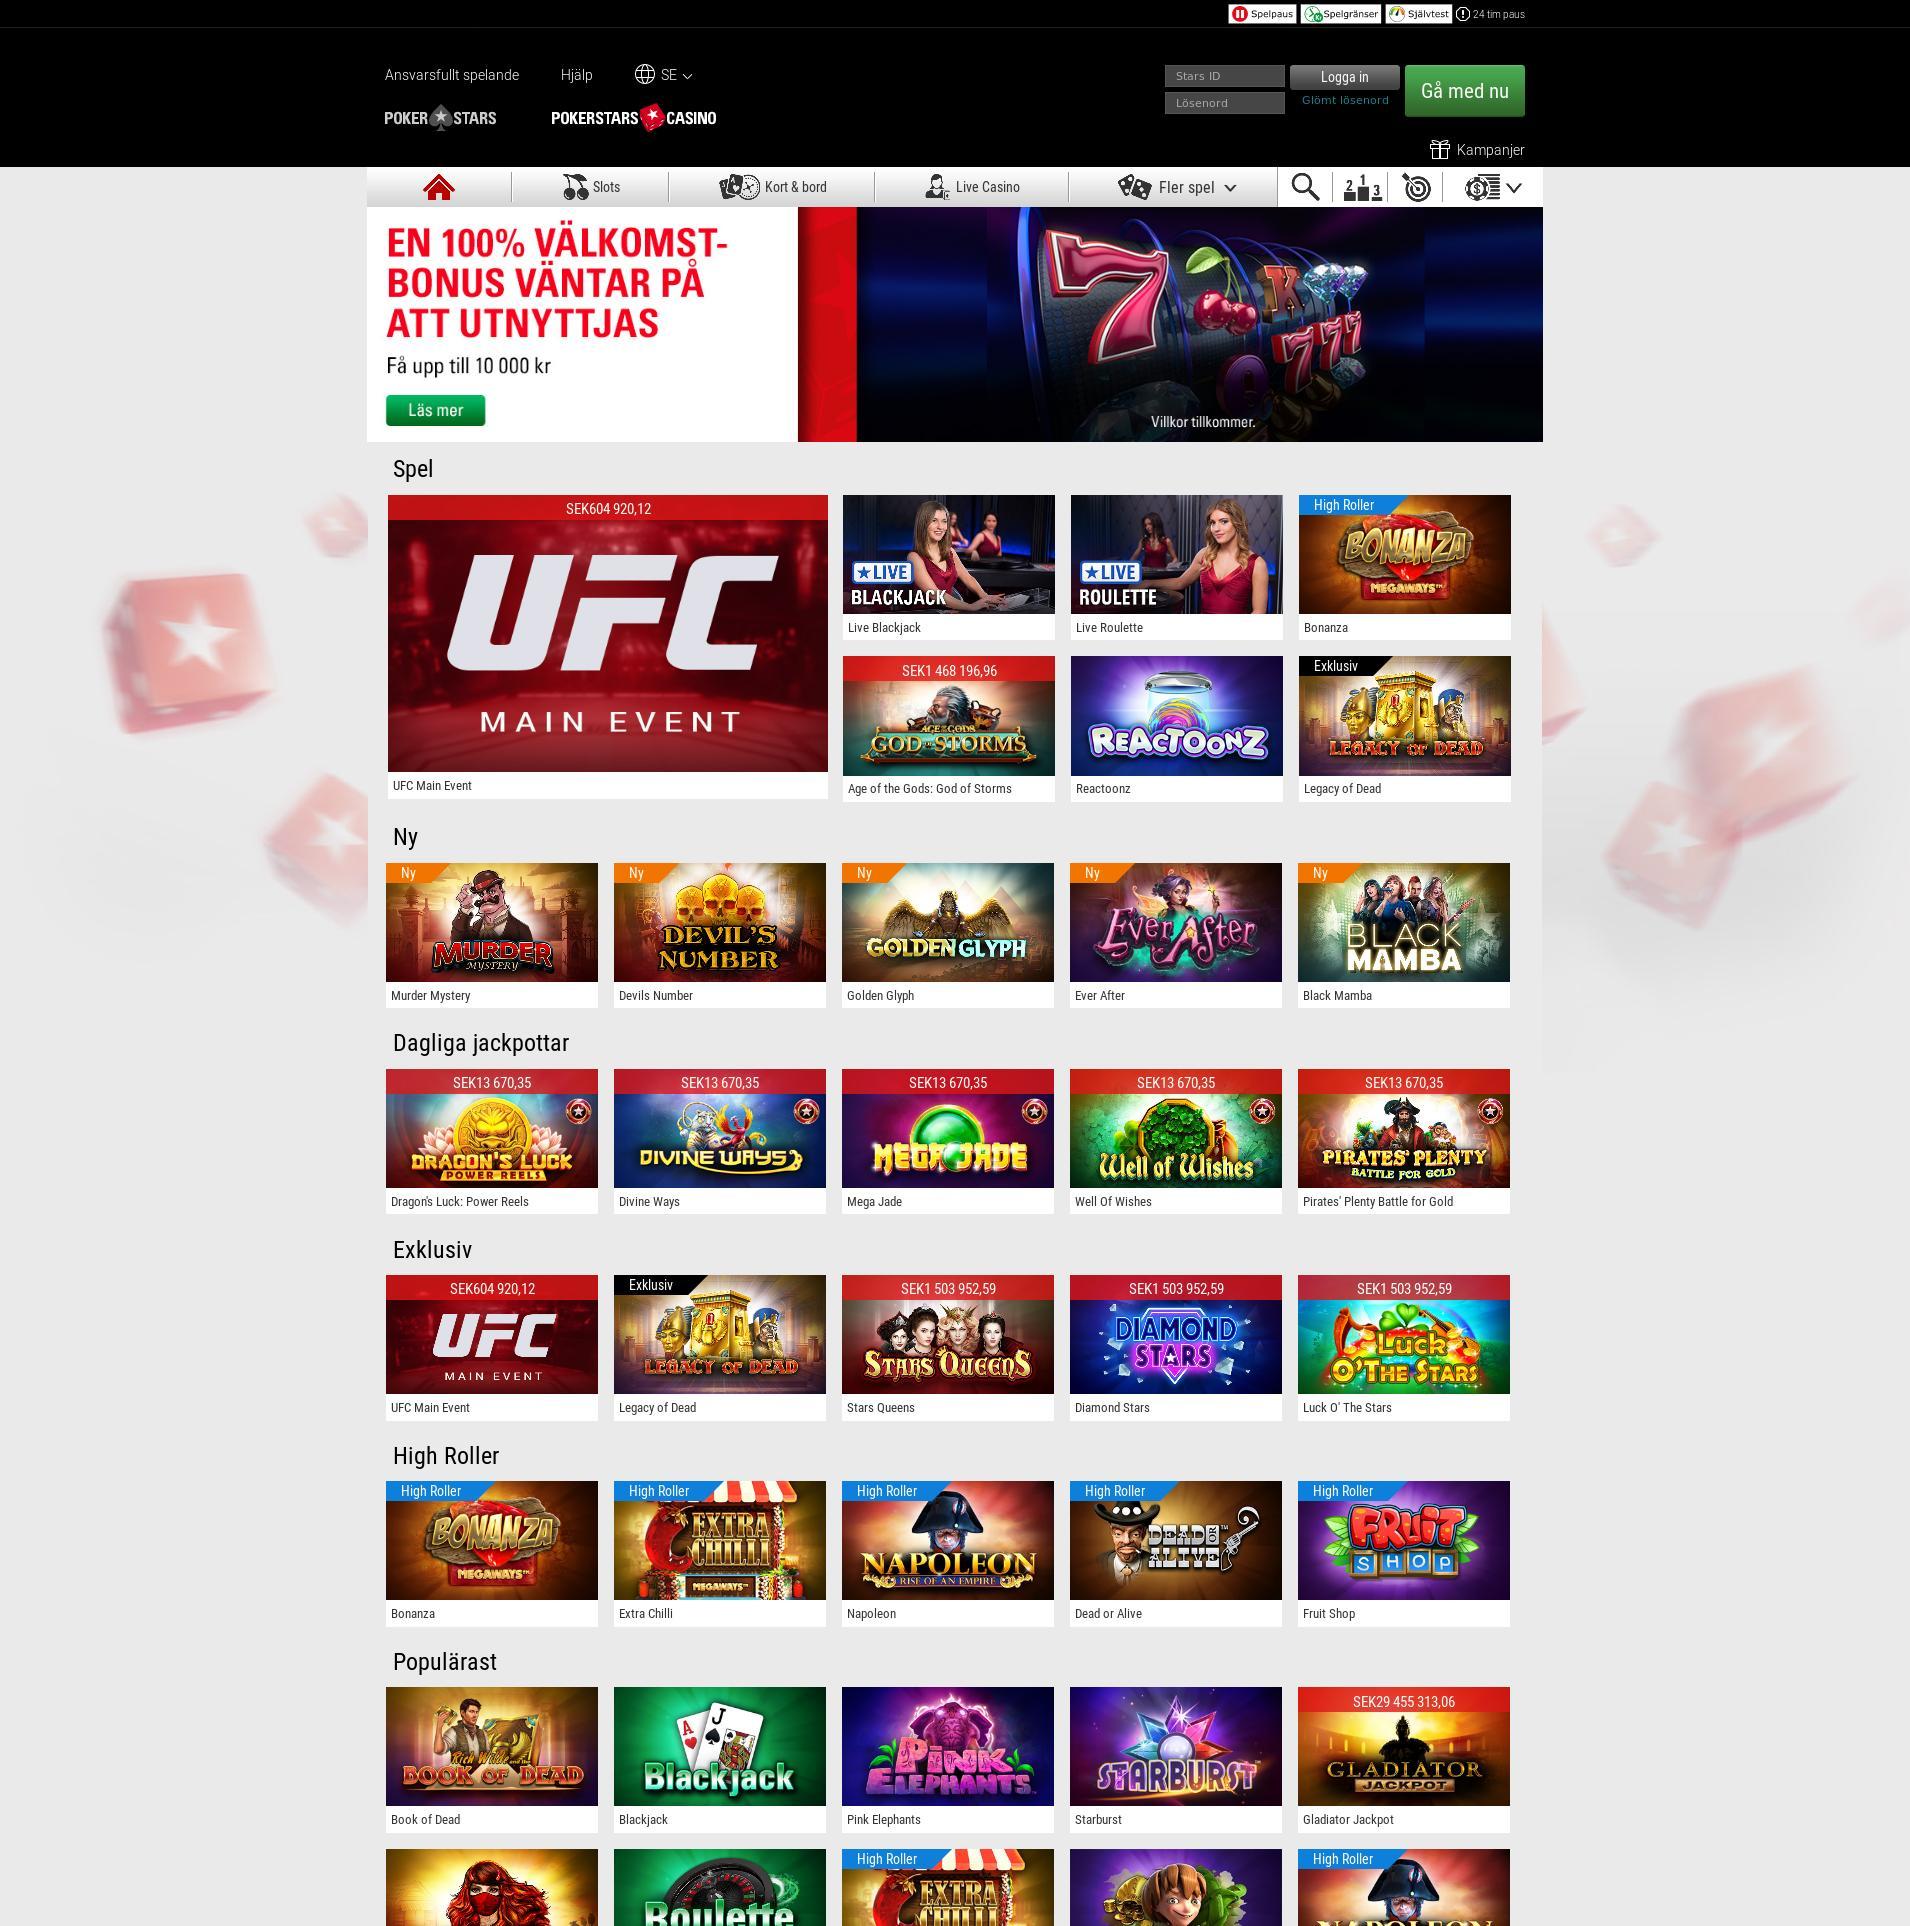 Casino screen Lobby 2019-11-20 for Sweden